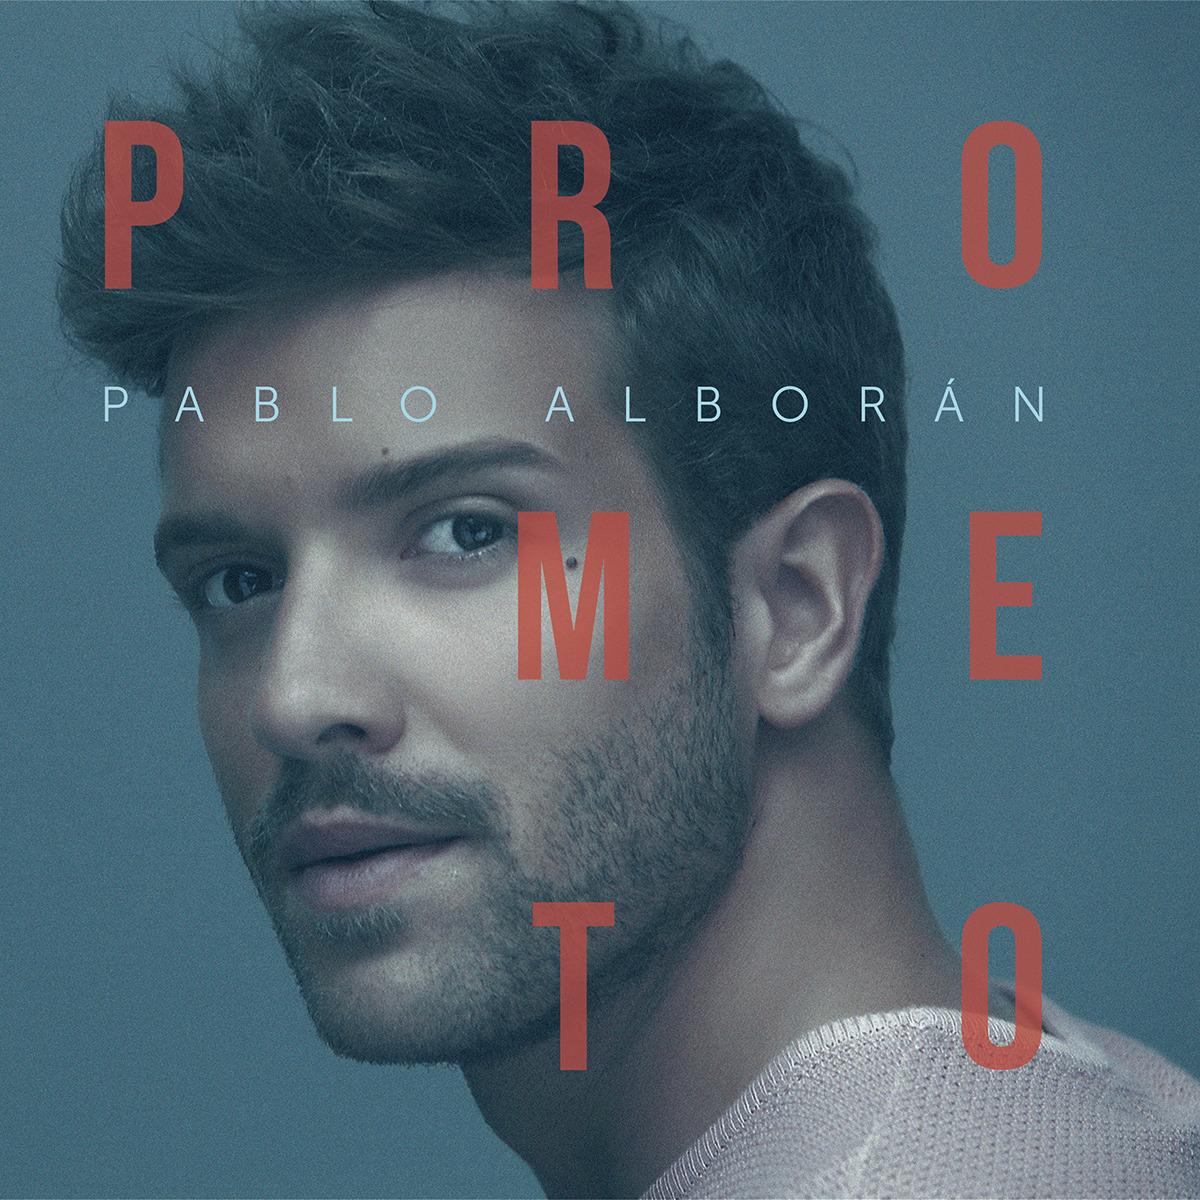 Prometo (Edición deluxe)